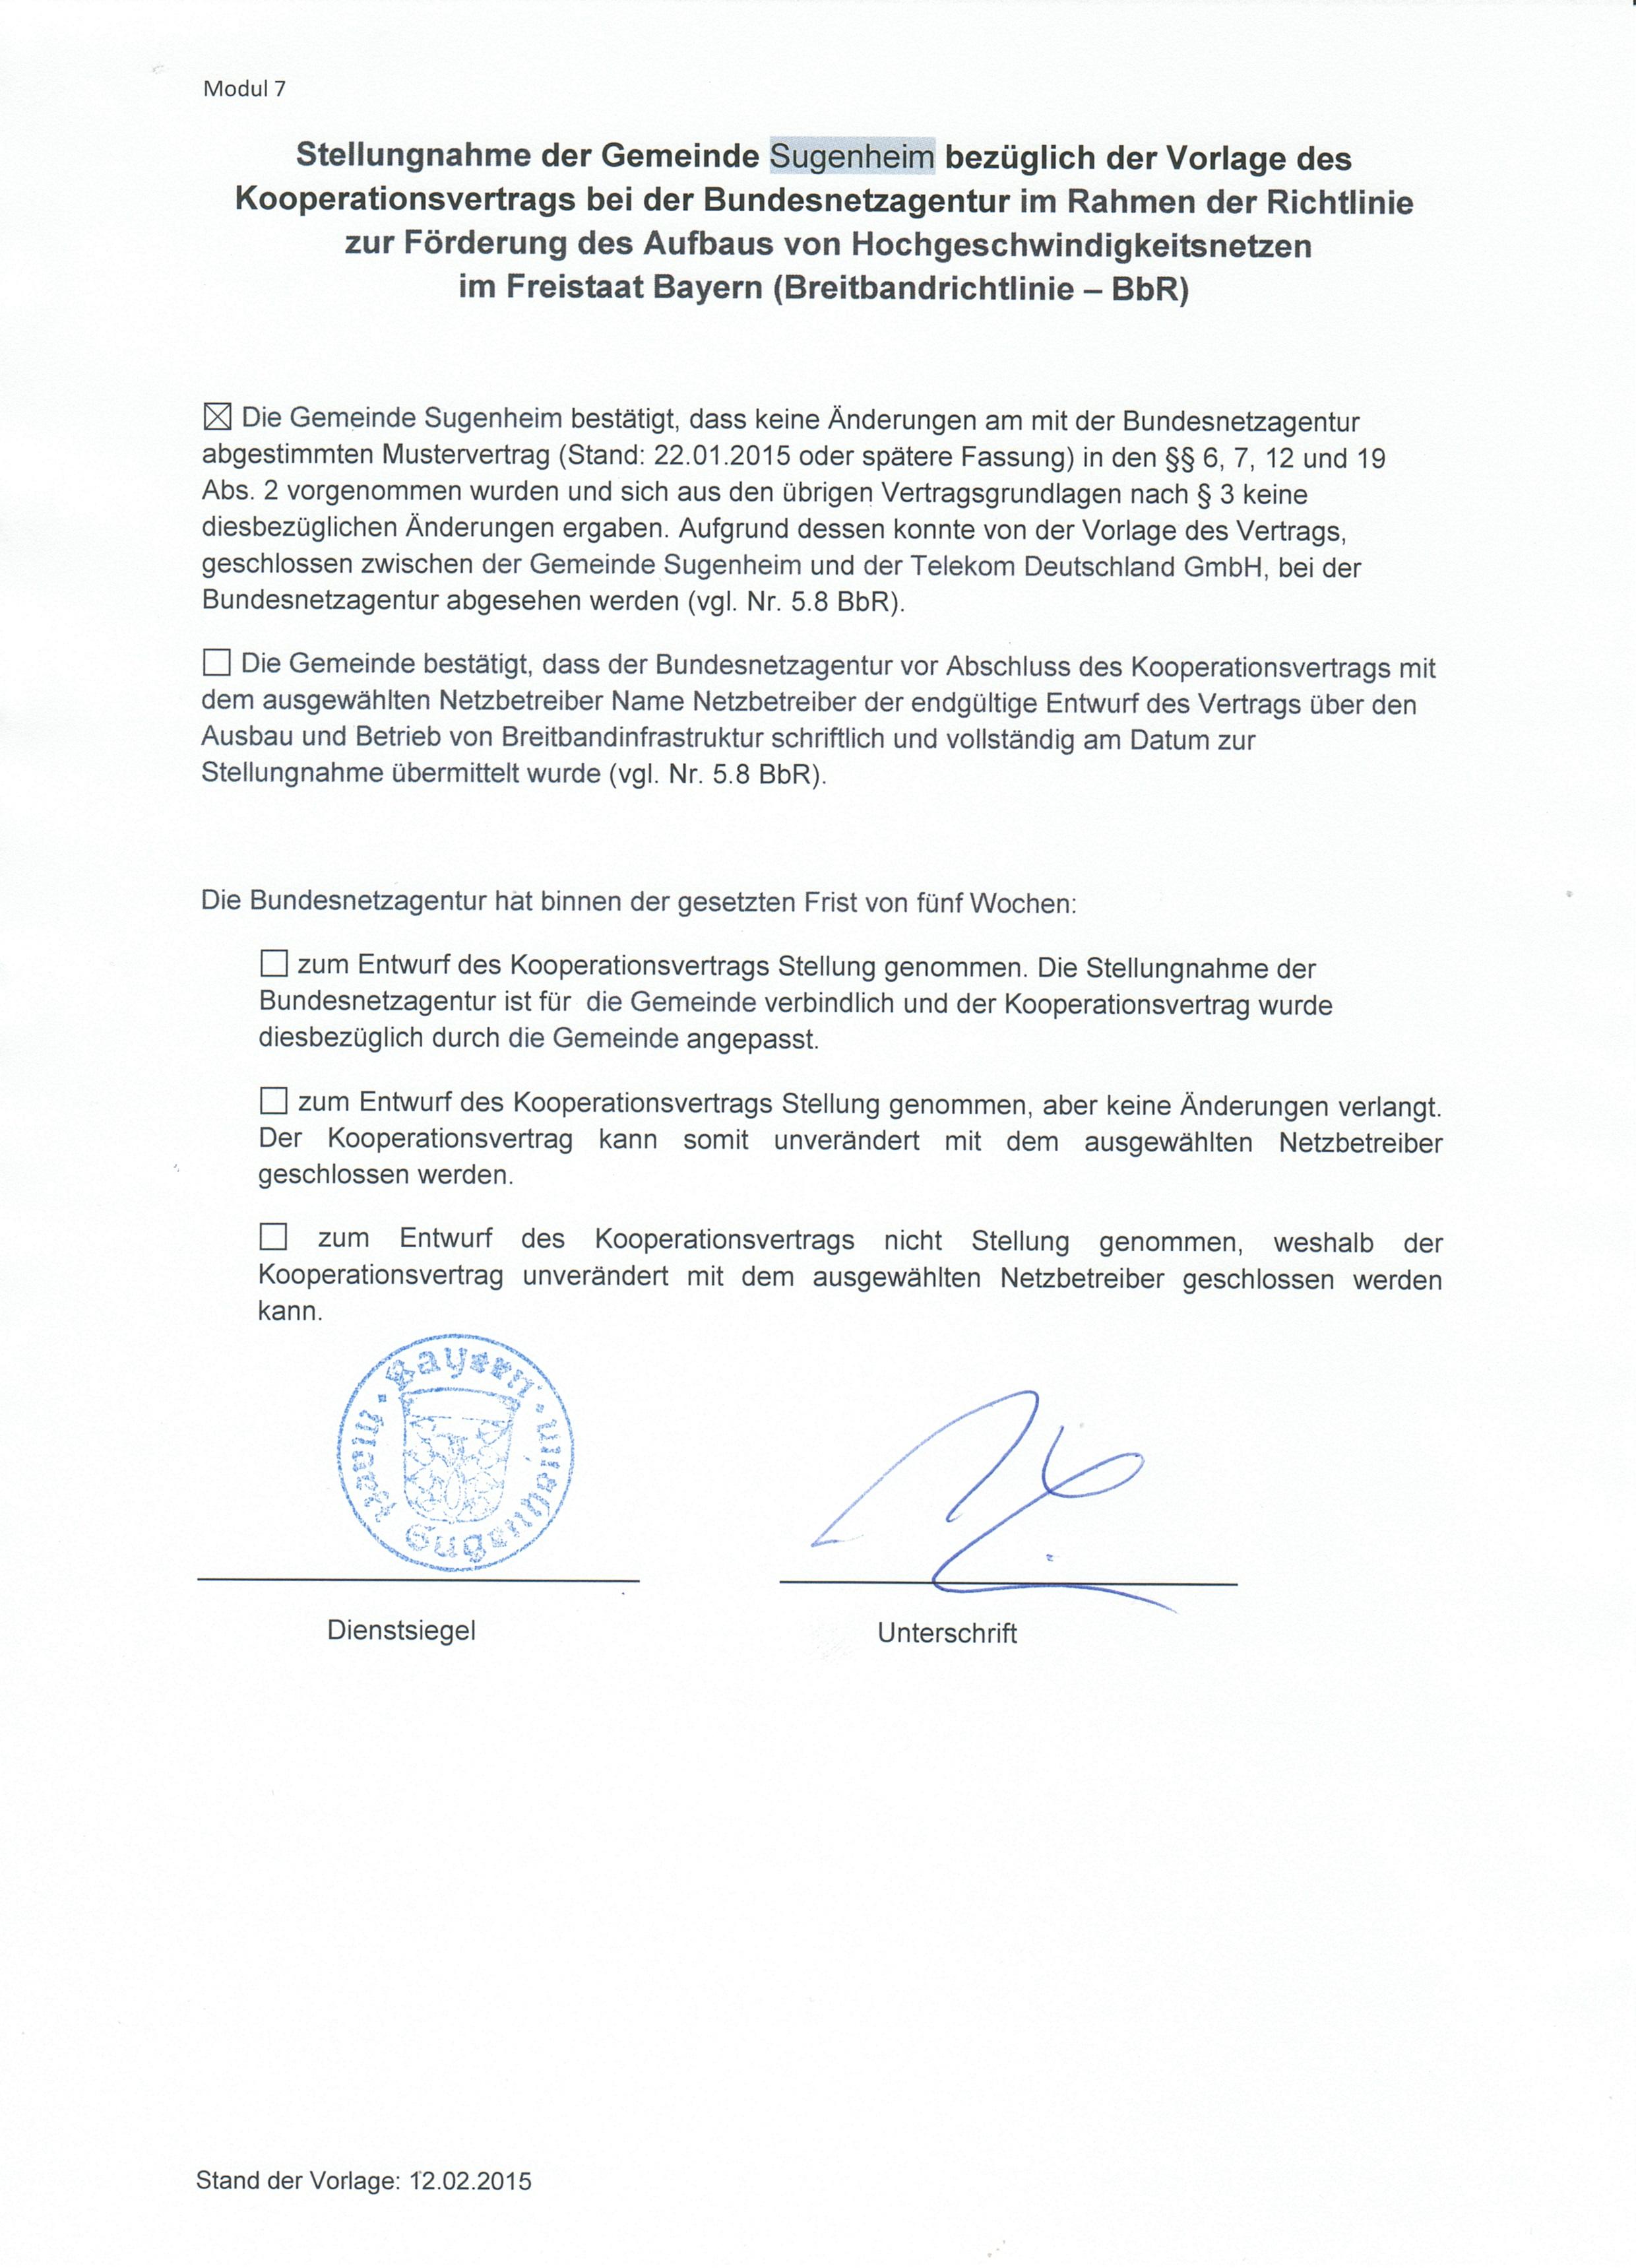 Atemberaubend Formelle Vereinbarung Vorlage Galerie - Entry Level ...